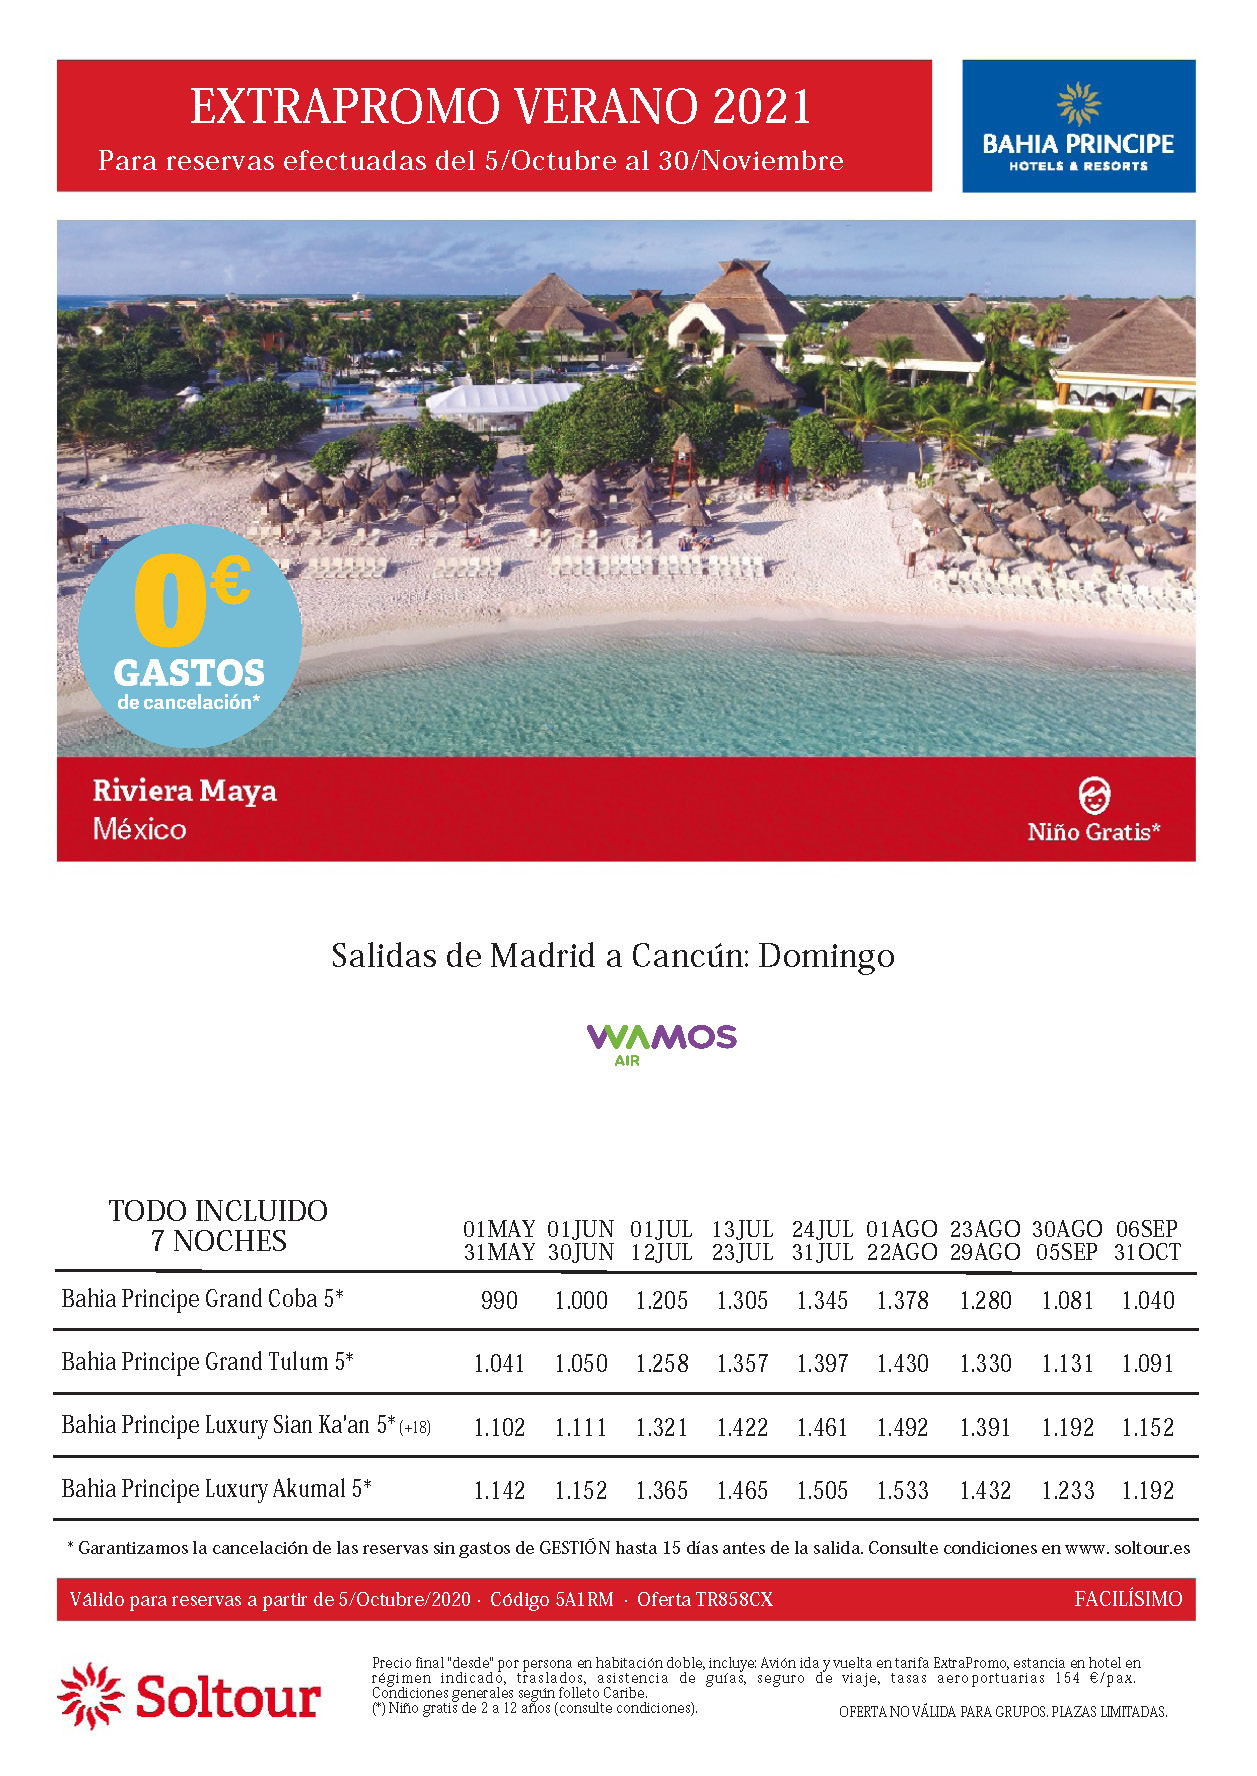 Oferta Soltour Vacaciones en la Riviera Maya hoteles Bahia Principe Verano 2021 niño gratis